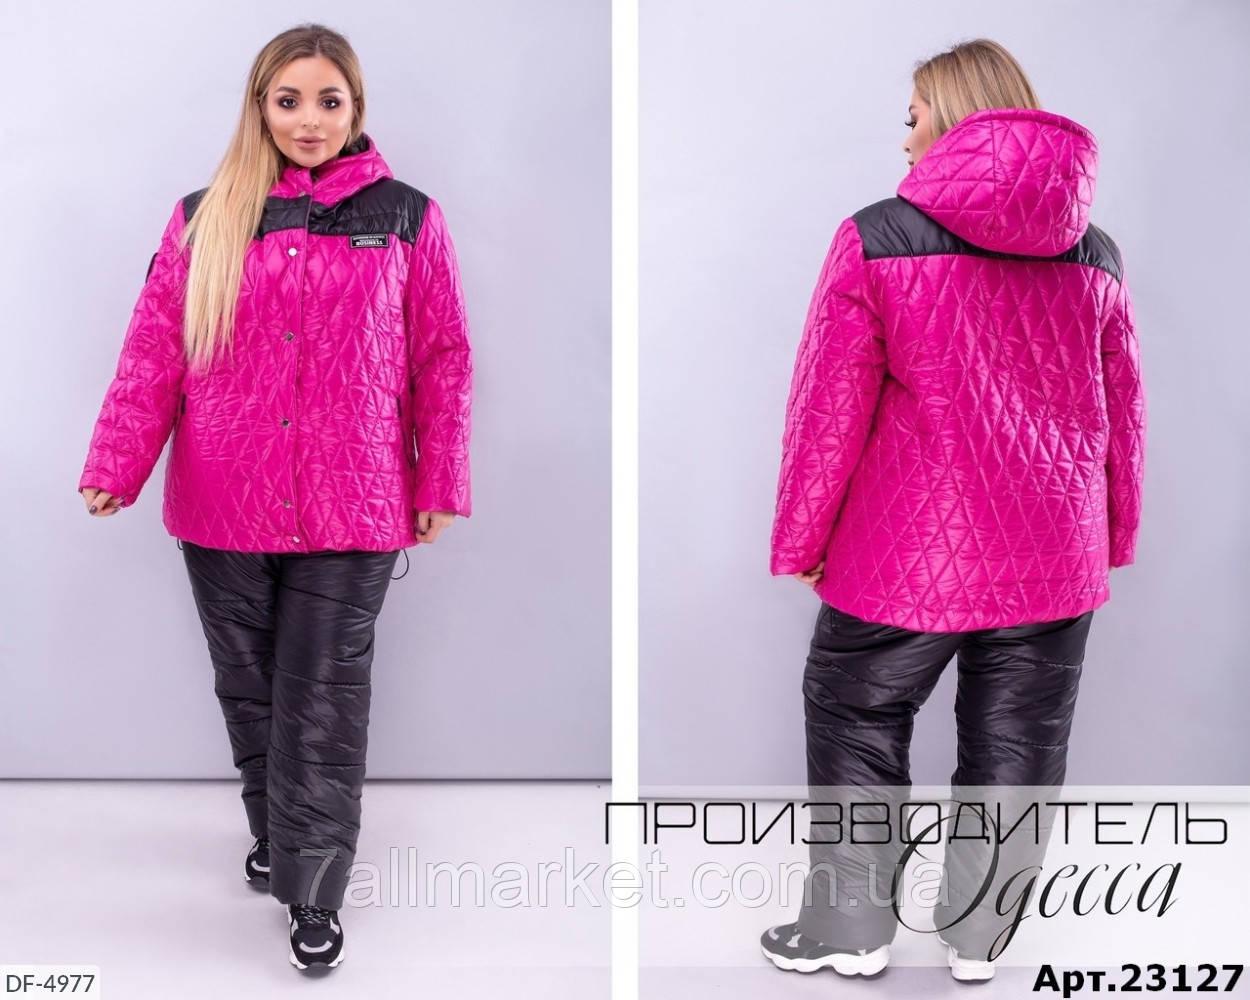 """Лыжный костюм женский 2710р (48-50) """"BRENDA"""" недорого от прямого поставщика"""